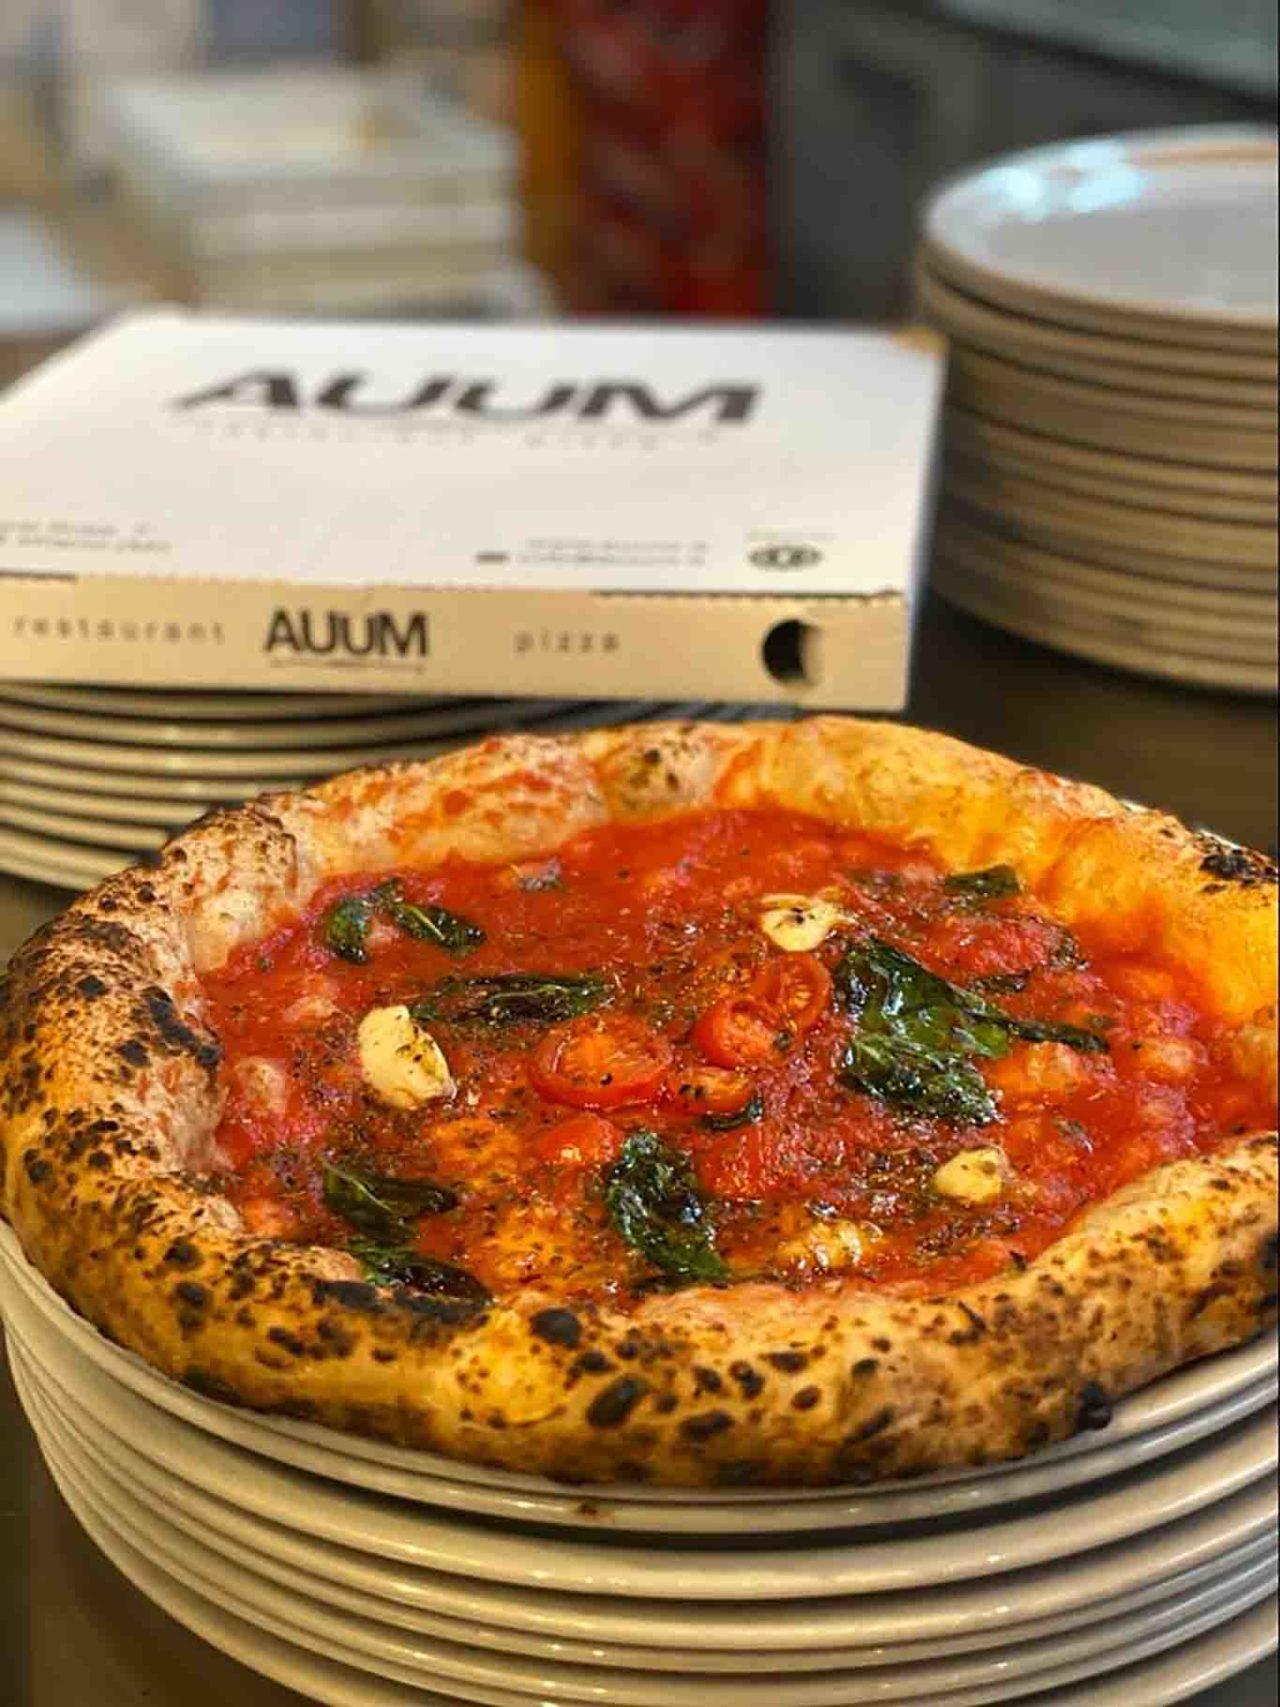 pizza asporto pizzerie a domicilio Milano Auum